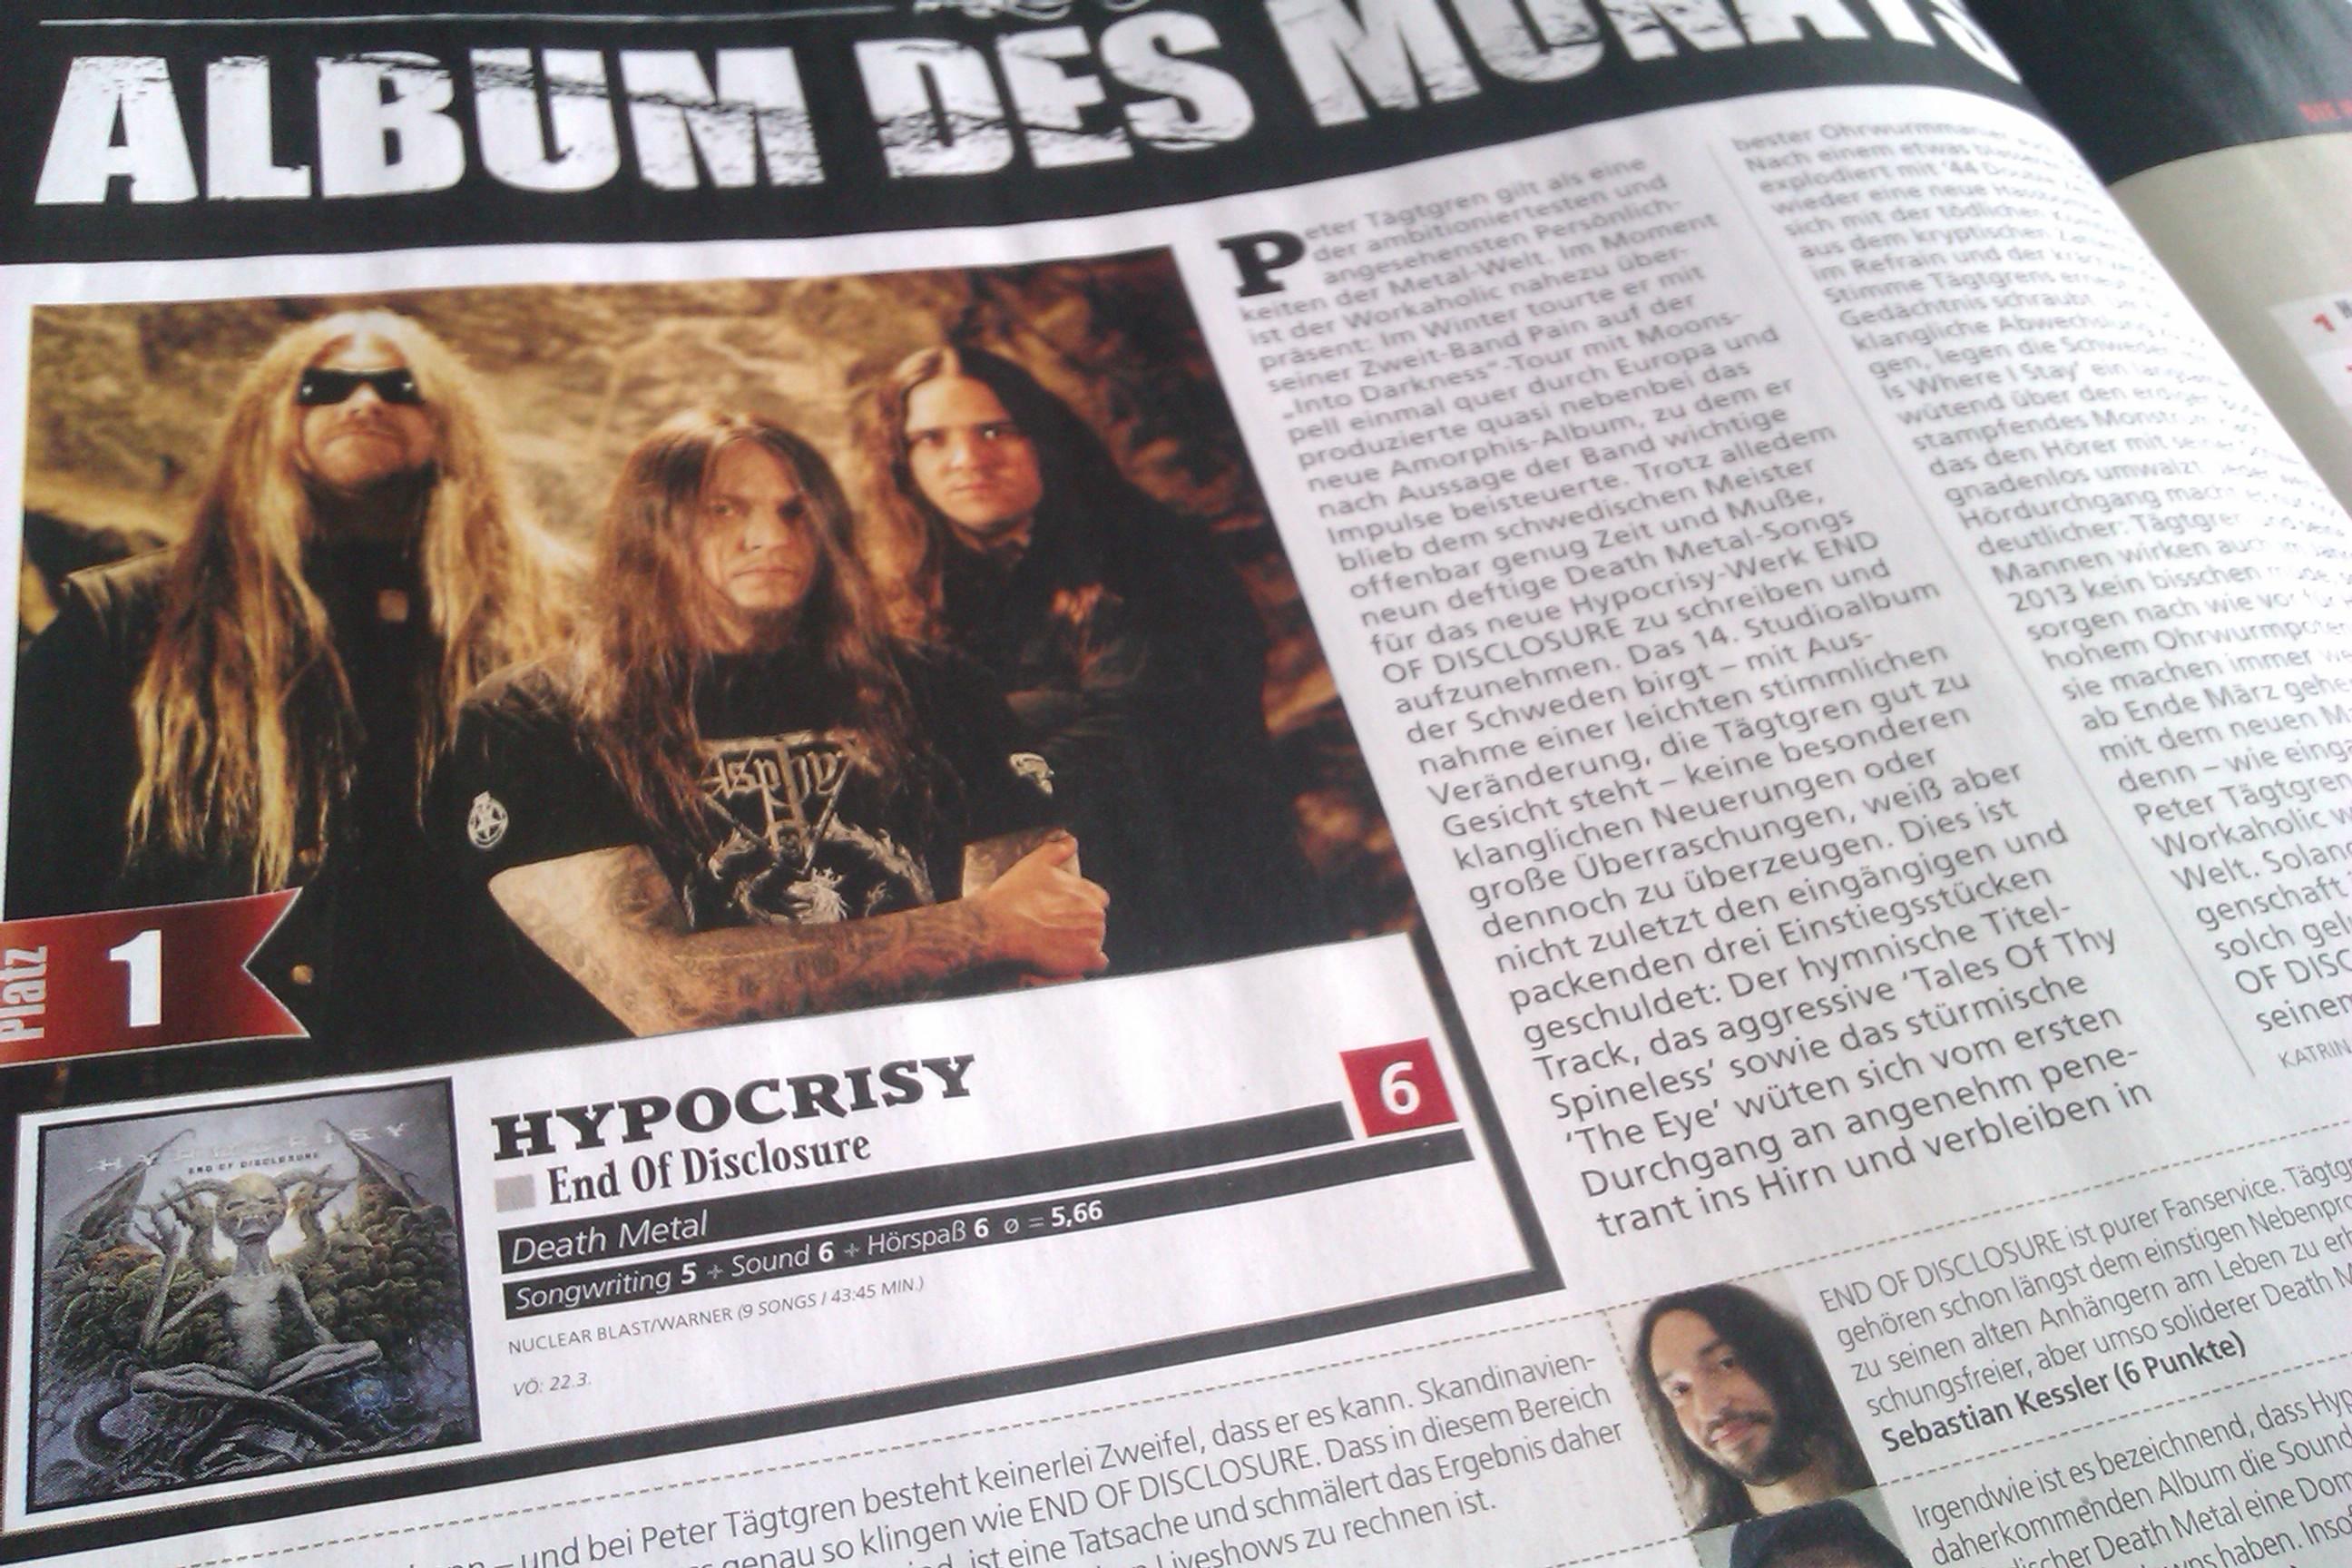 END OF DISCLOSURE von Hypocrisy ist das Album des Monats in unserer April-Ausgabe. Was die einzelnen Redakteure von dem Album